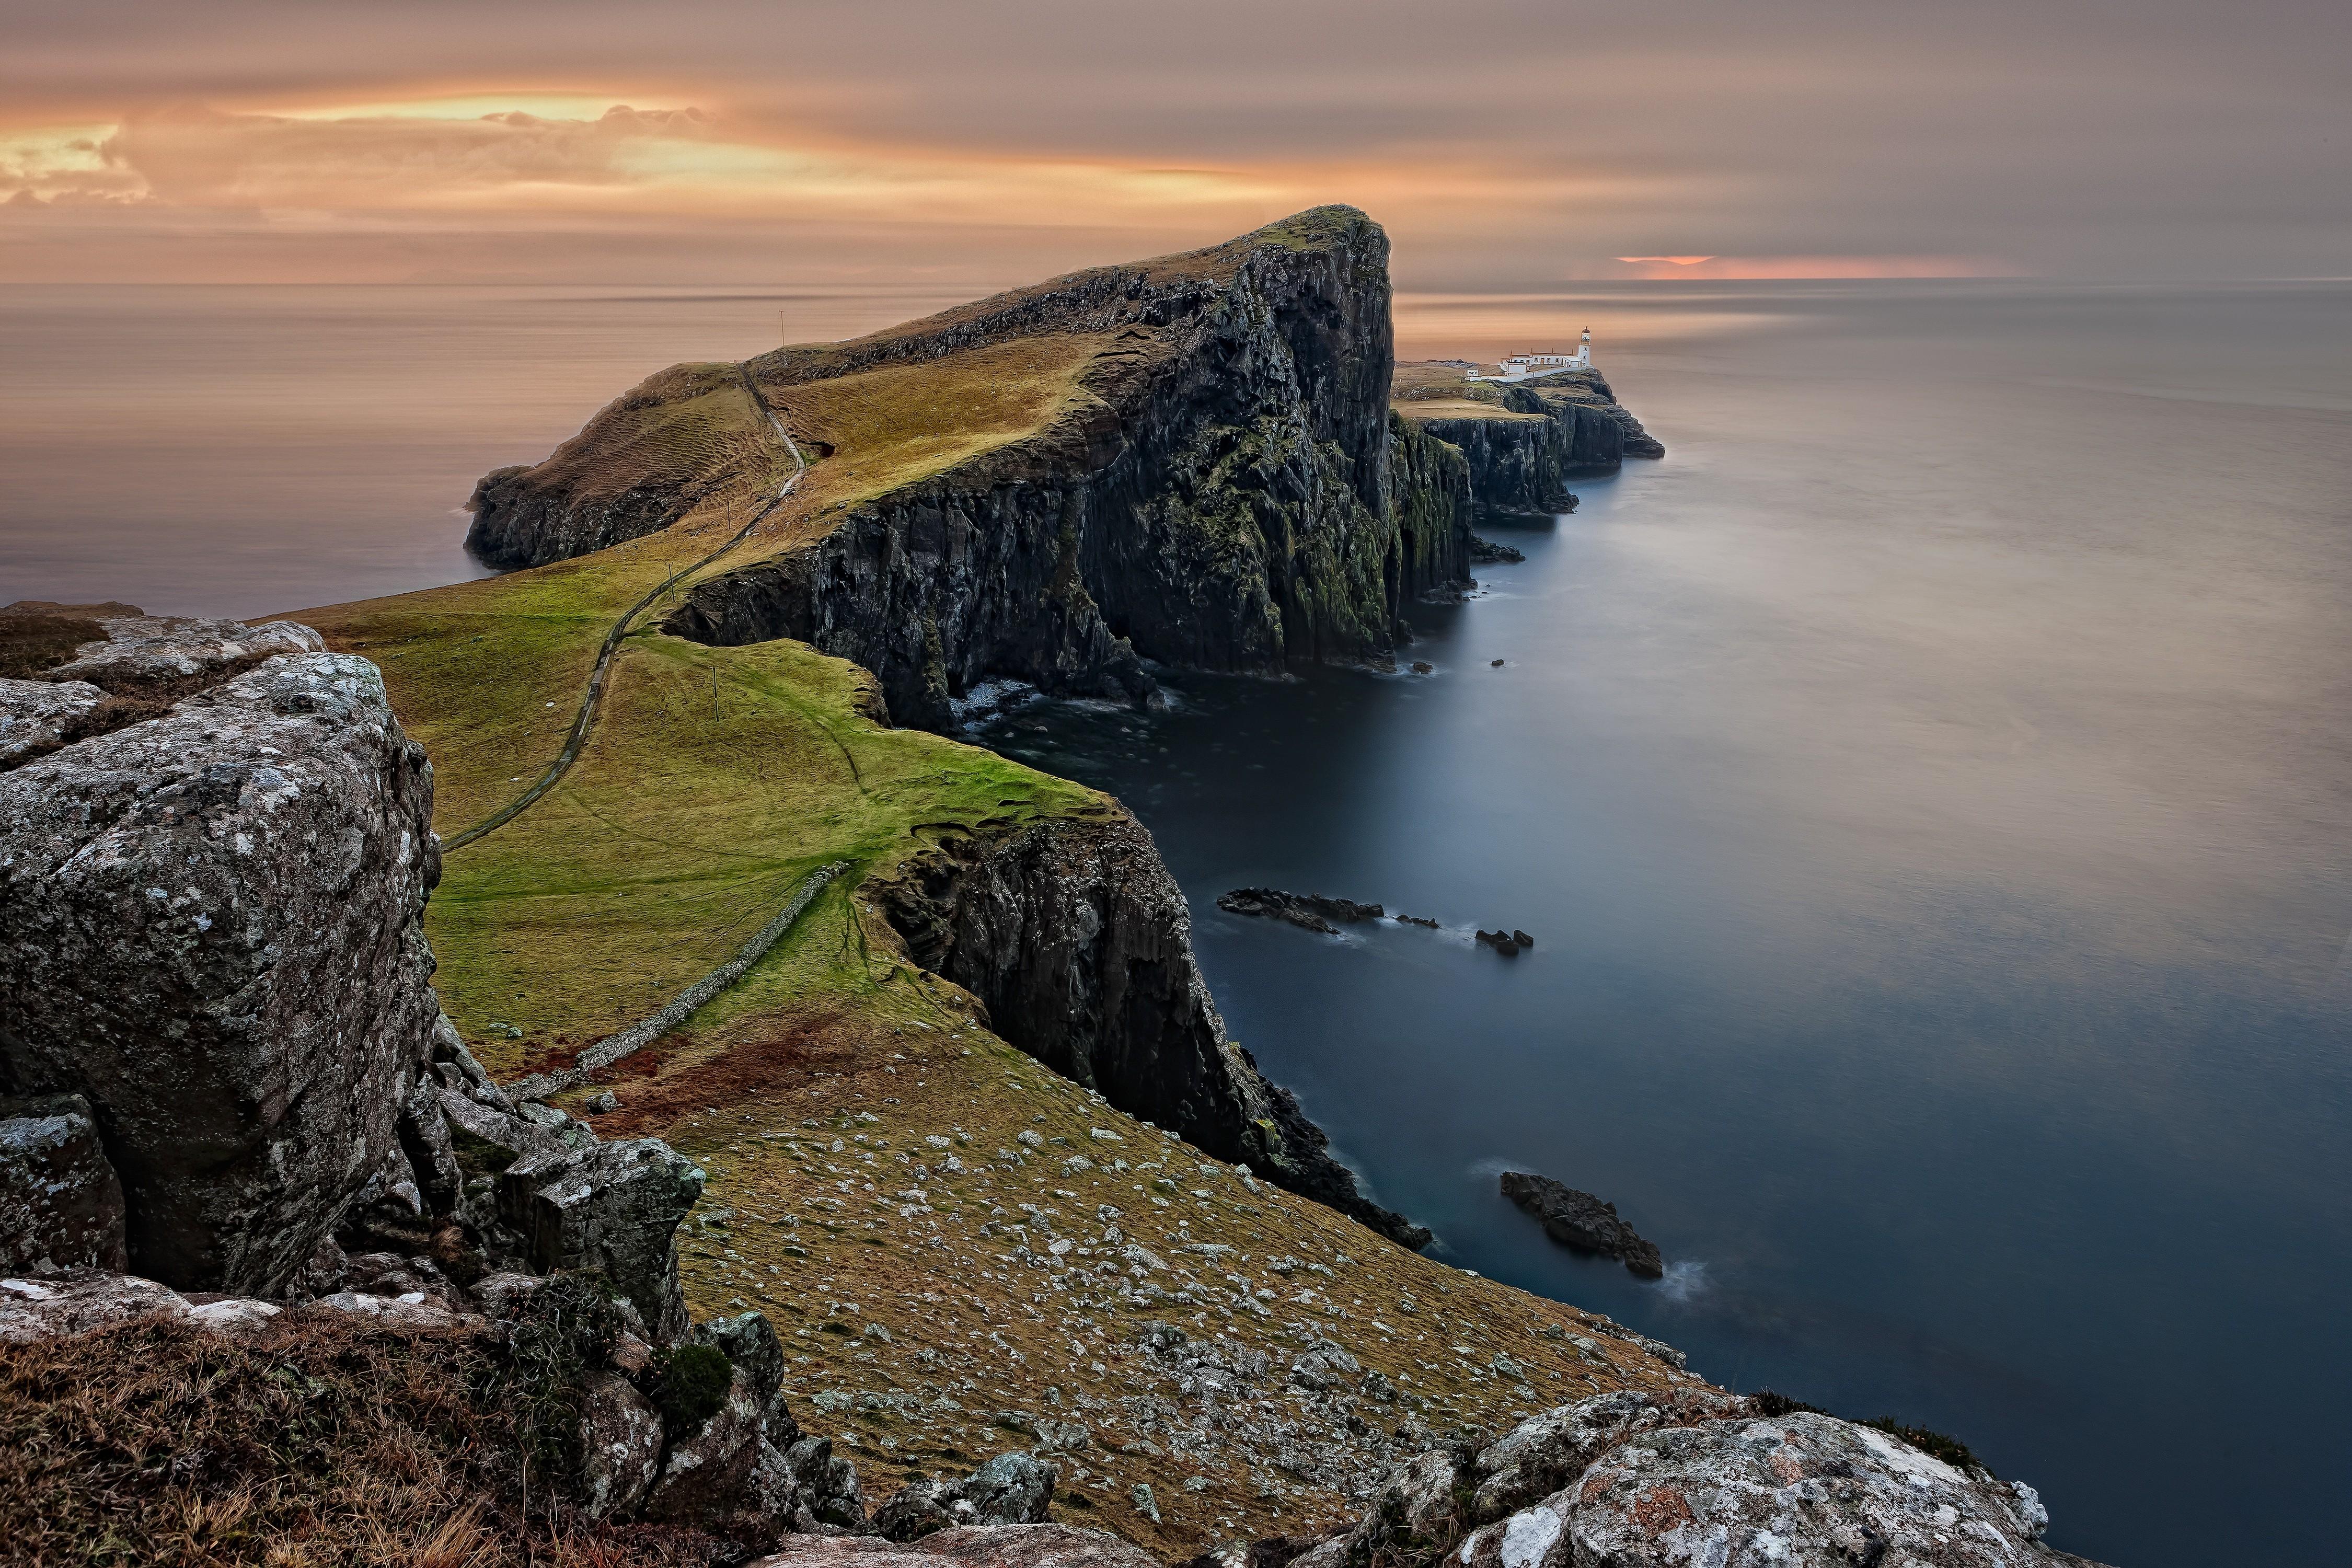 General 4500x3000 landscape Scotland Scottish Highlands Skye